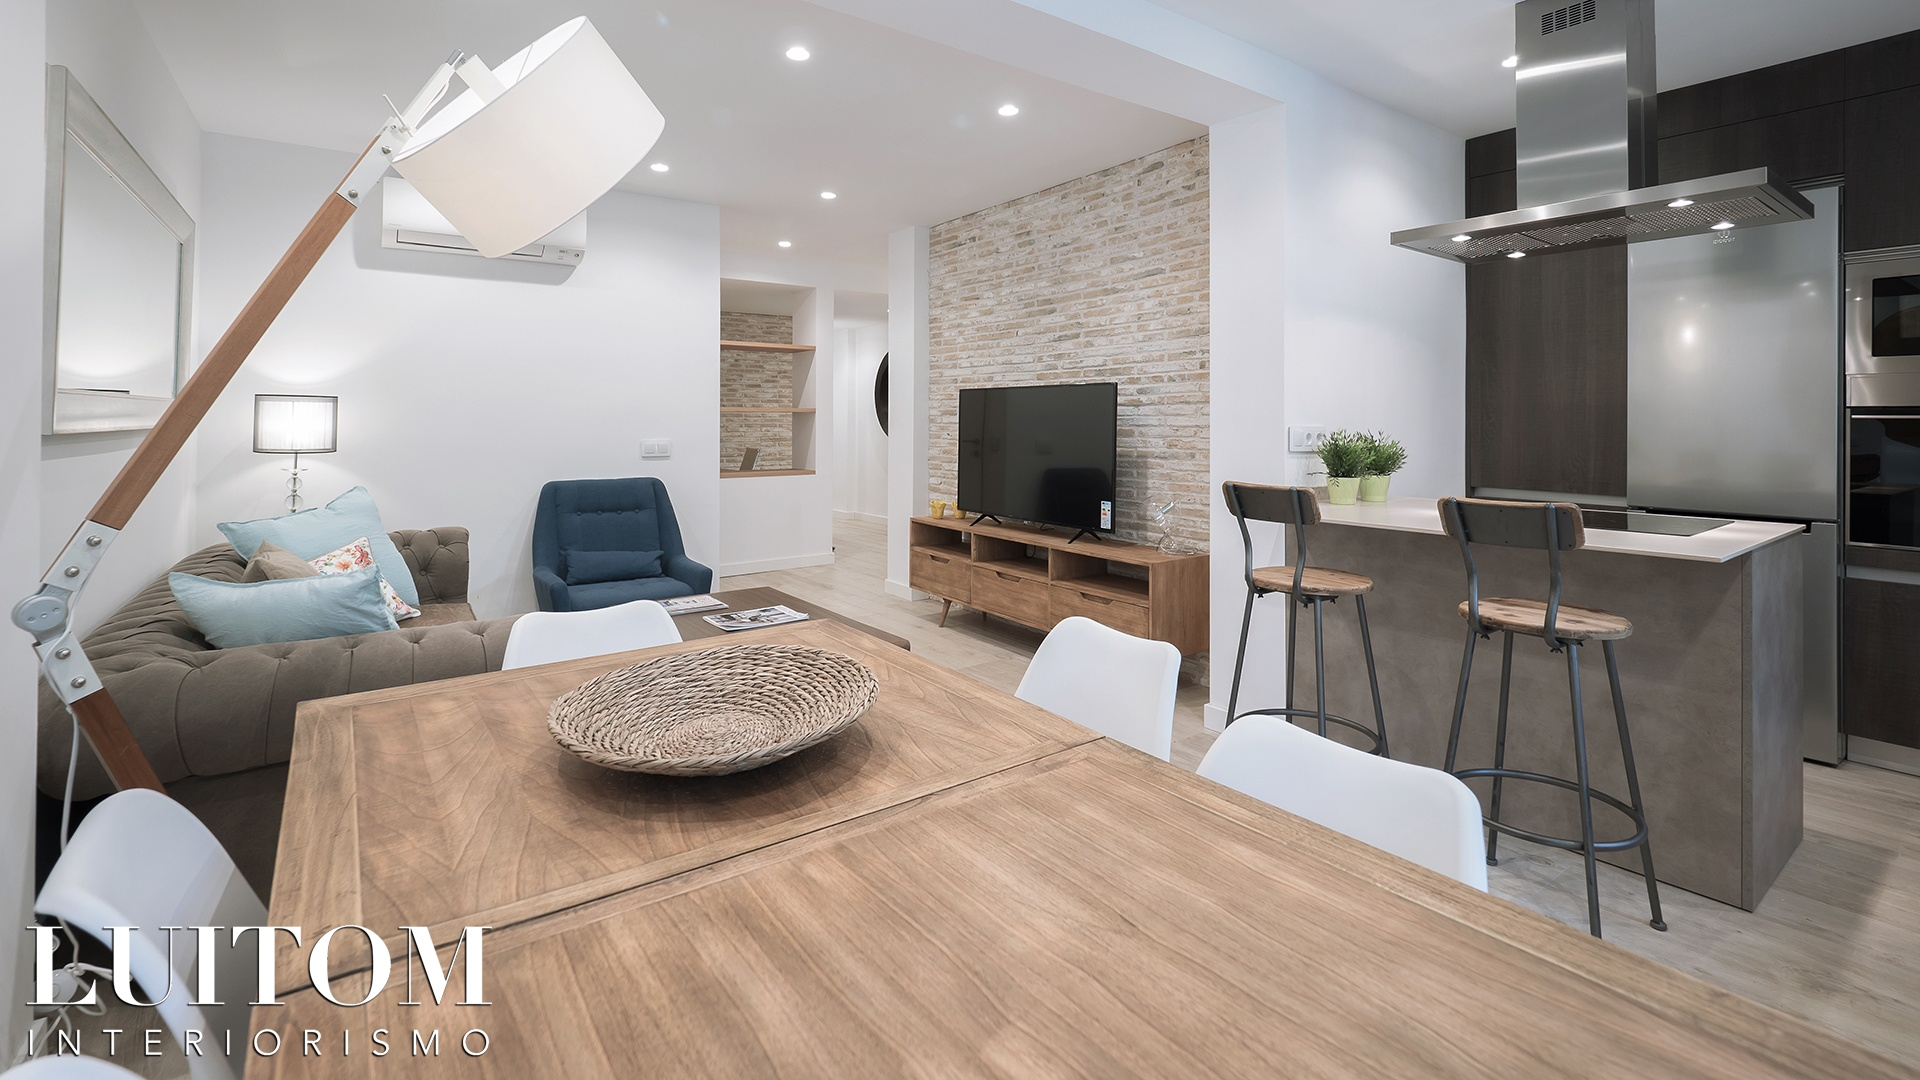 ideas-integrar-unir-cocina-salon-decoracion-cocinas-modernas-modern-kitchen-designs-04